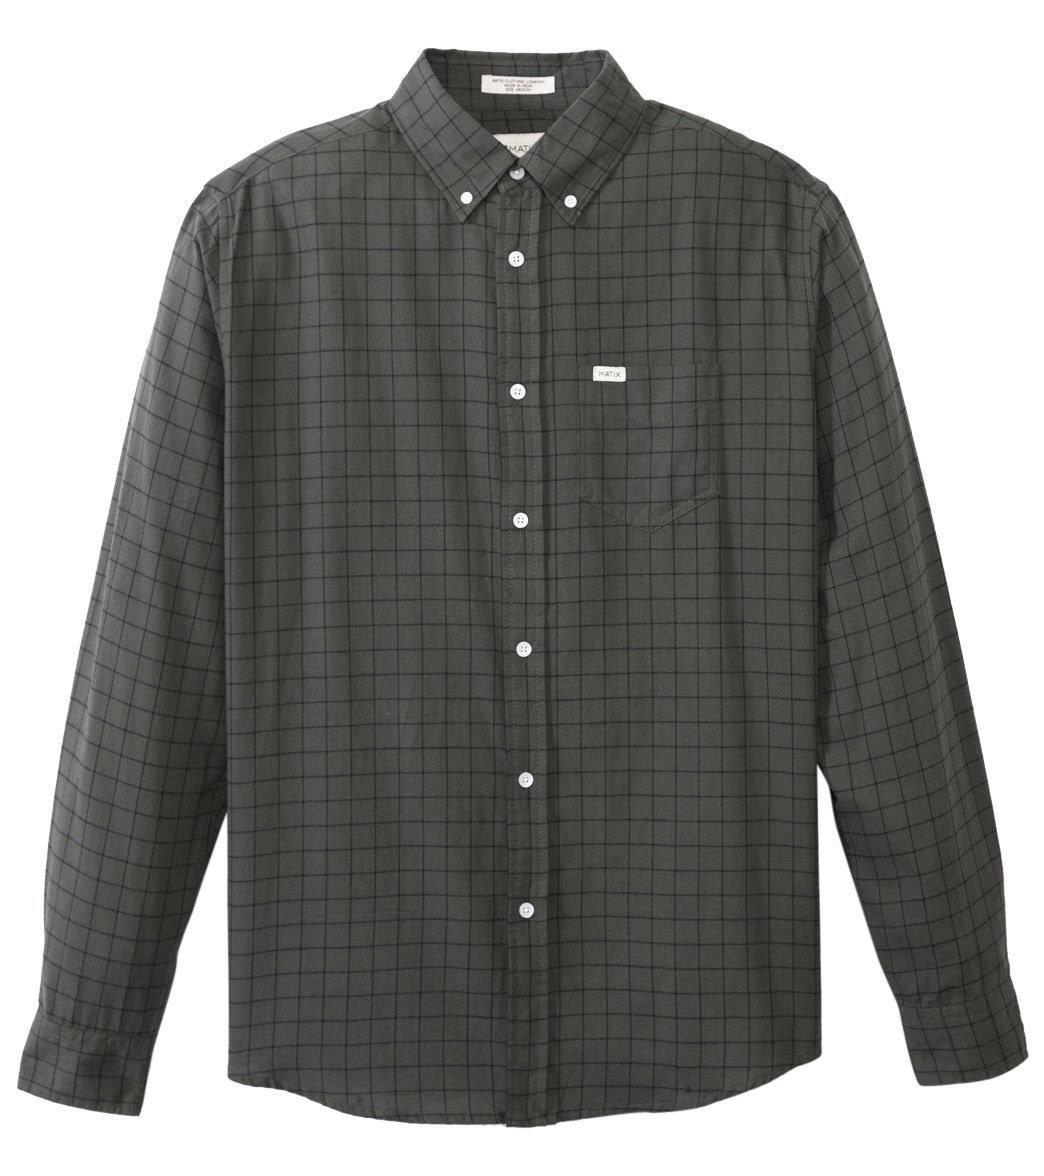 MATIX Gridley Flannel Shirt (L) Army